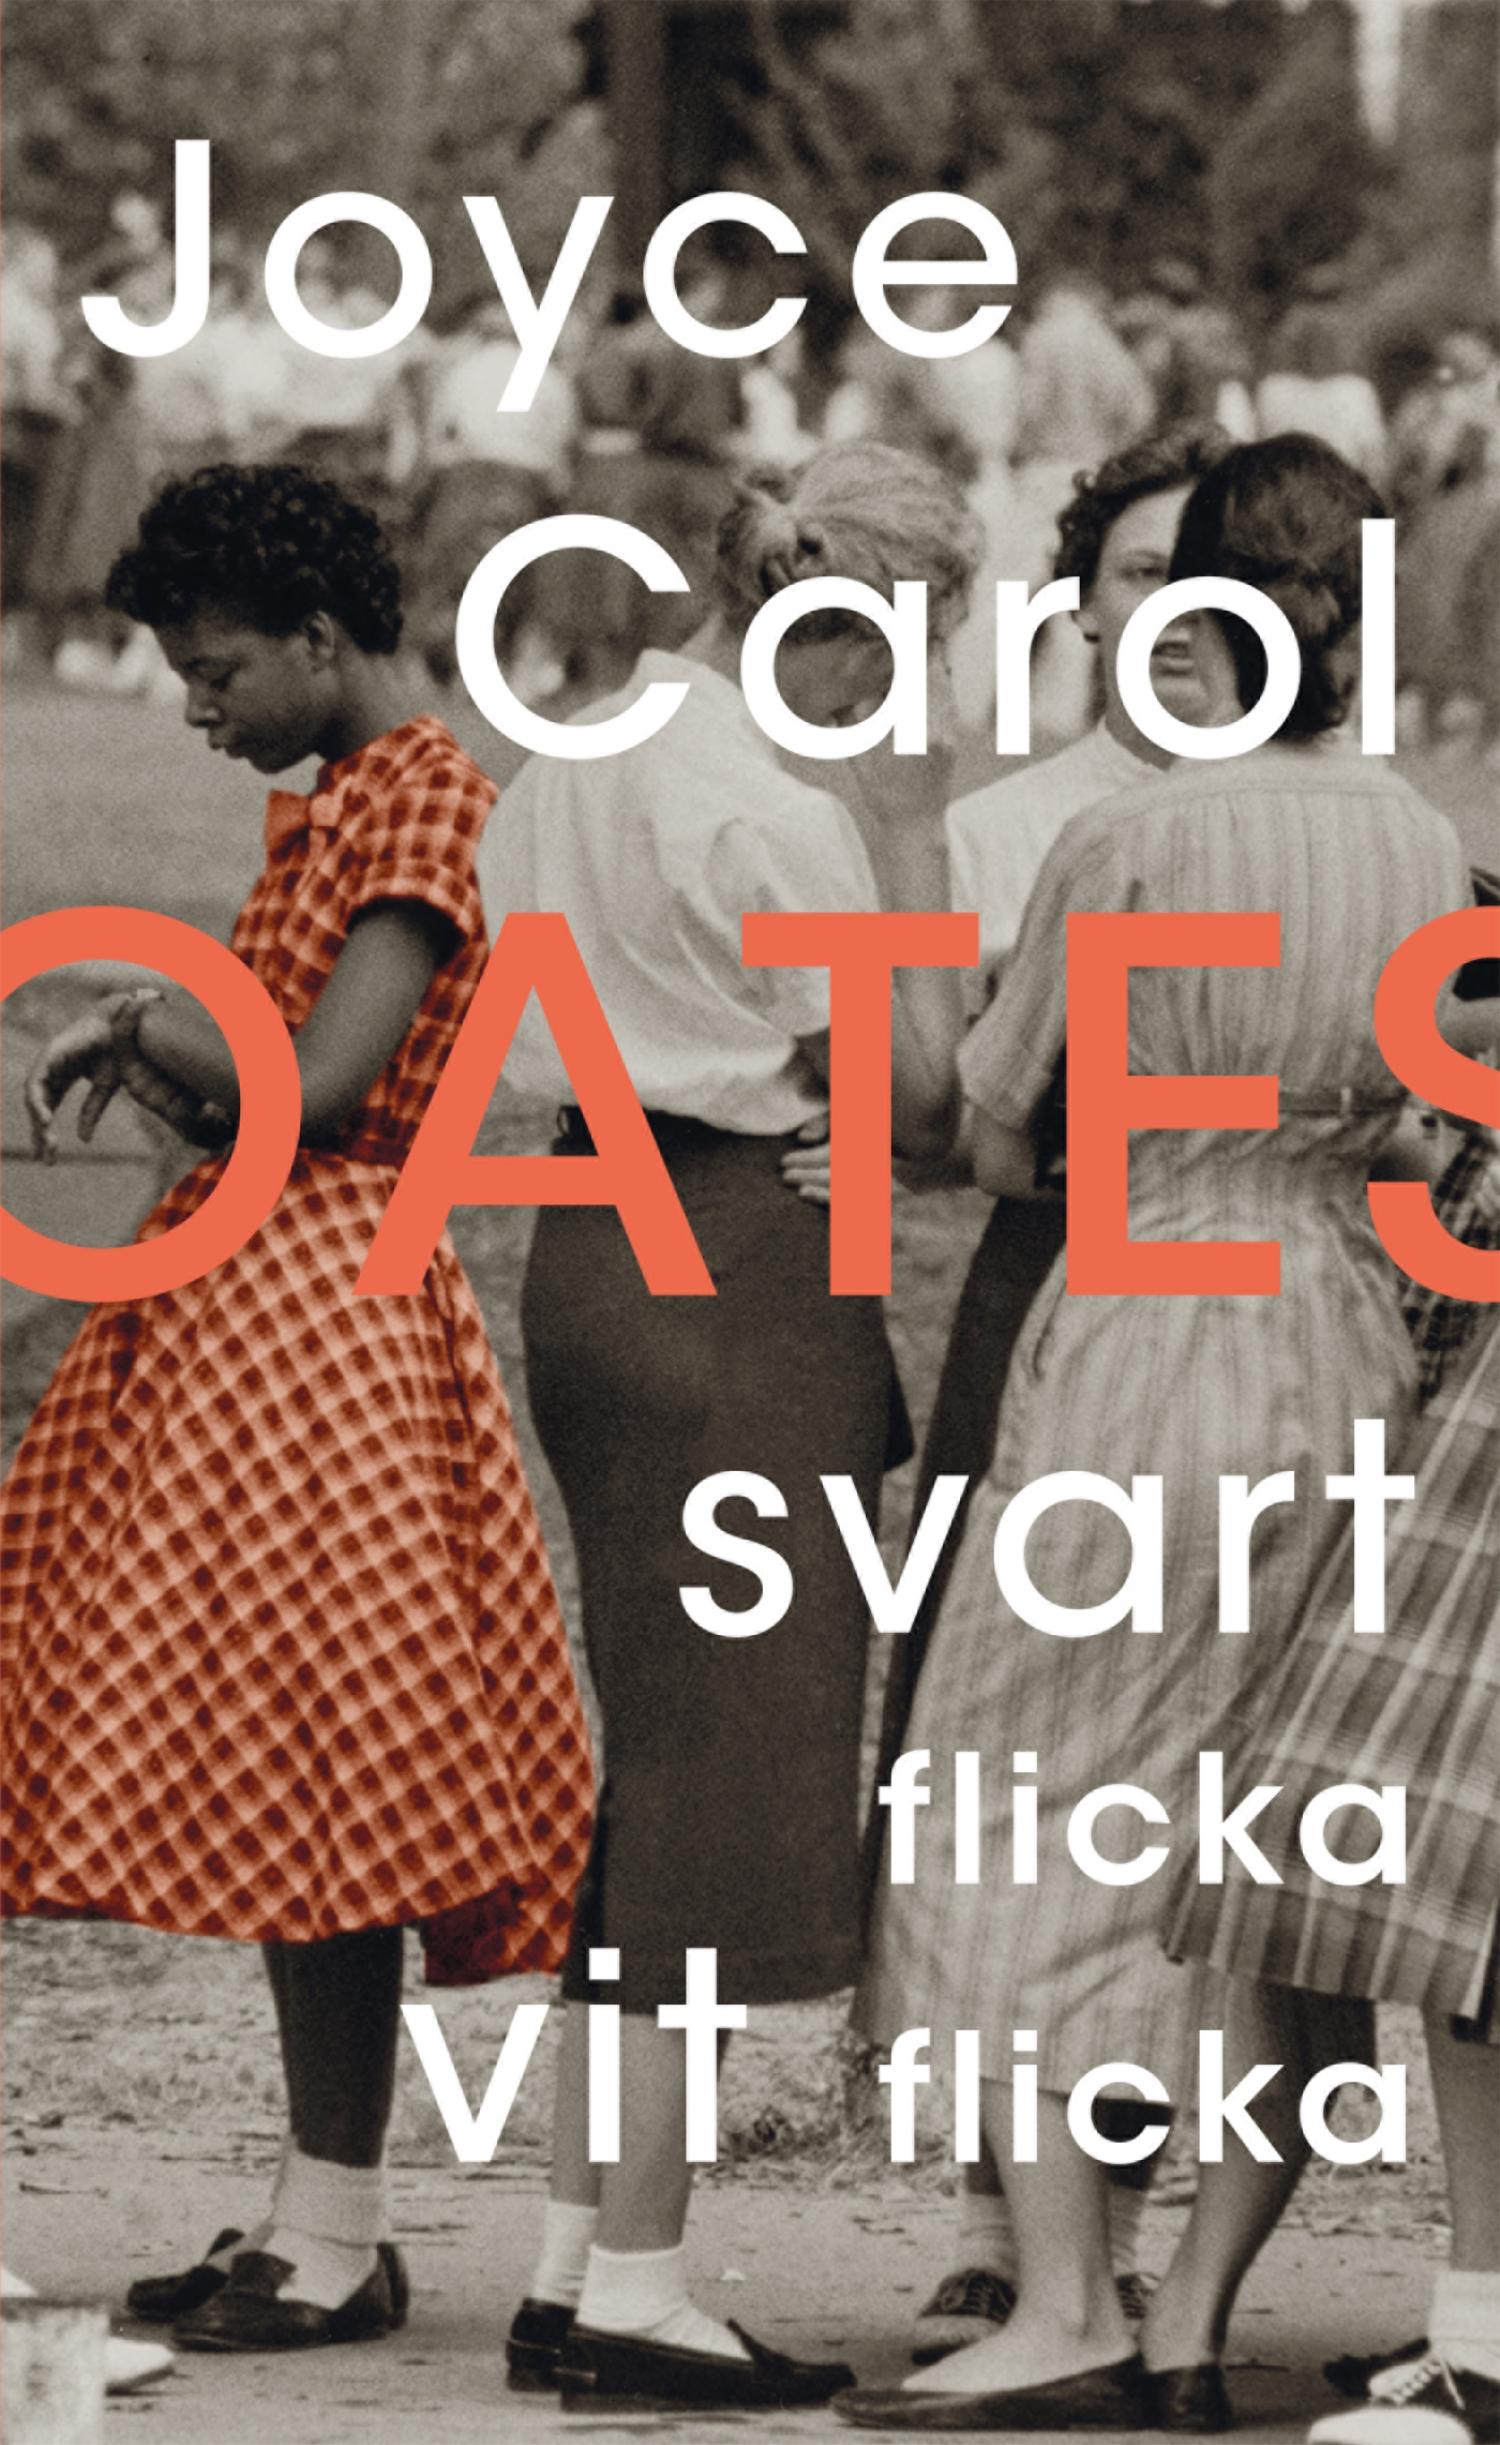 svarta afrikanska flickor fitta bilder svart mogna jävla